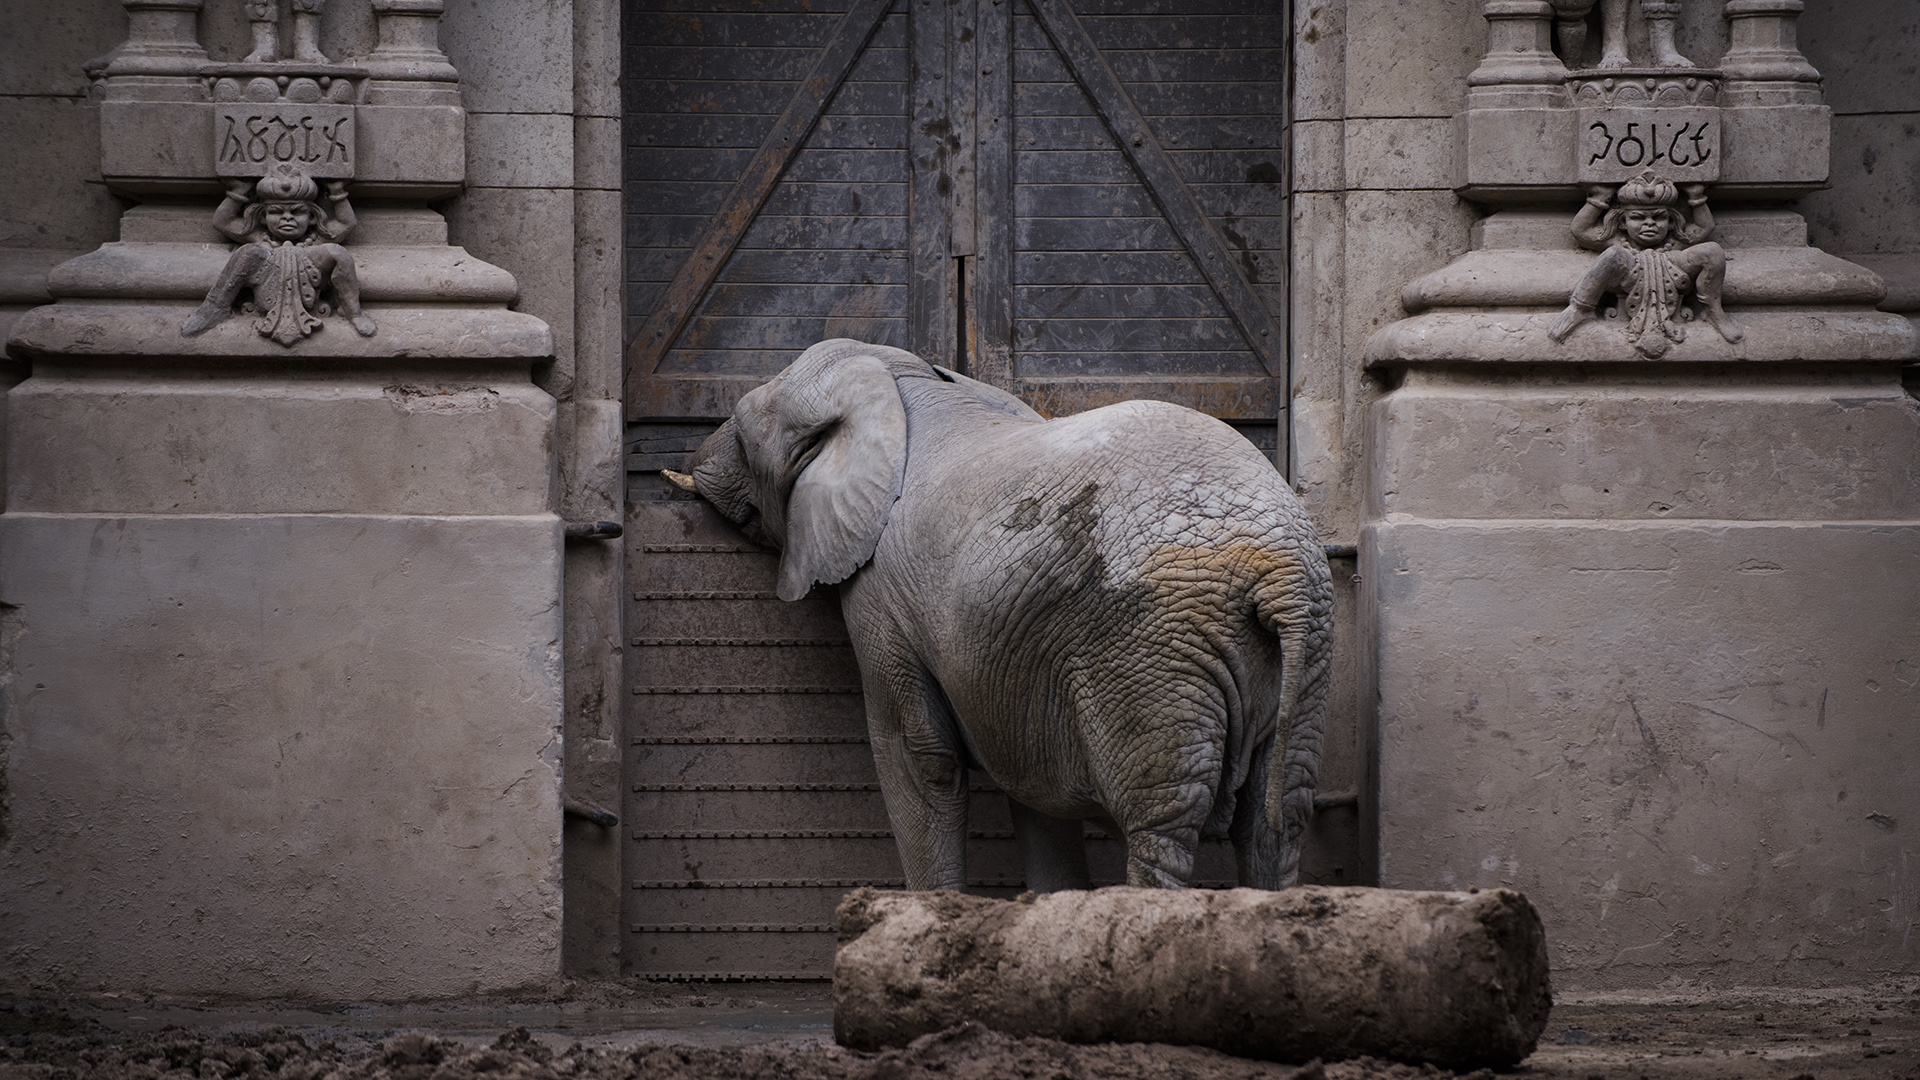 Esperando el turno de cambiar de espacio. Tres elefantas habitan el mismo lugar, pero no lo comparten. (Adrián Escandar)